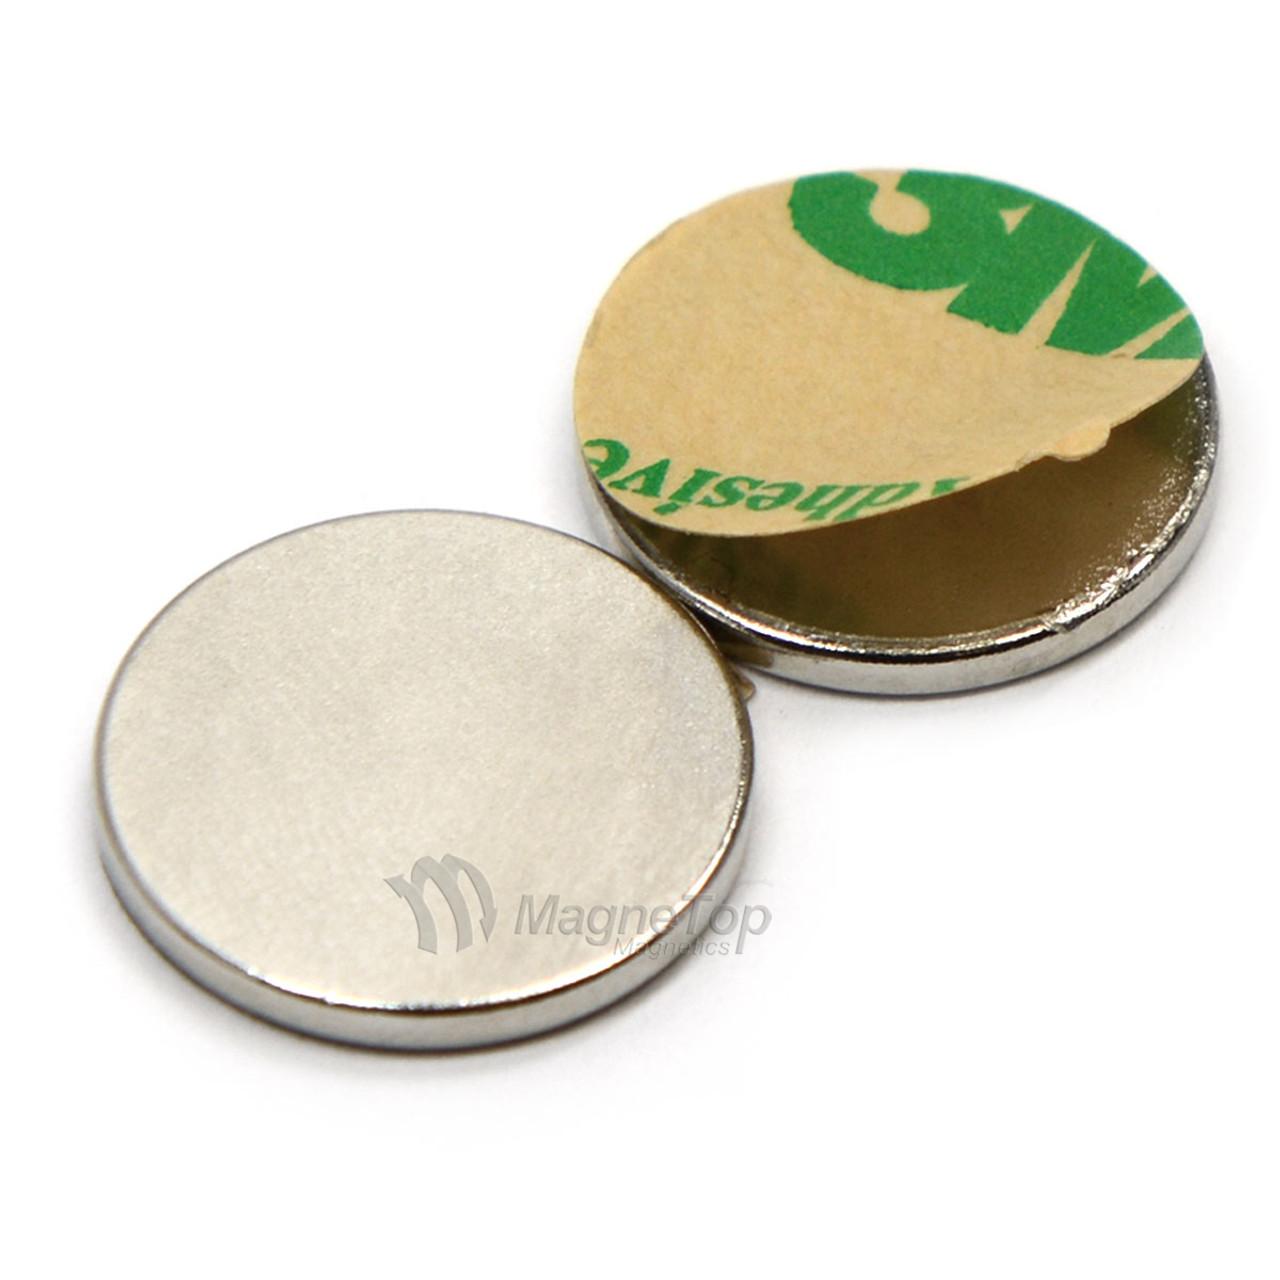 Neodymium Adhesive -  15mm x 1.5mm - N45